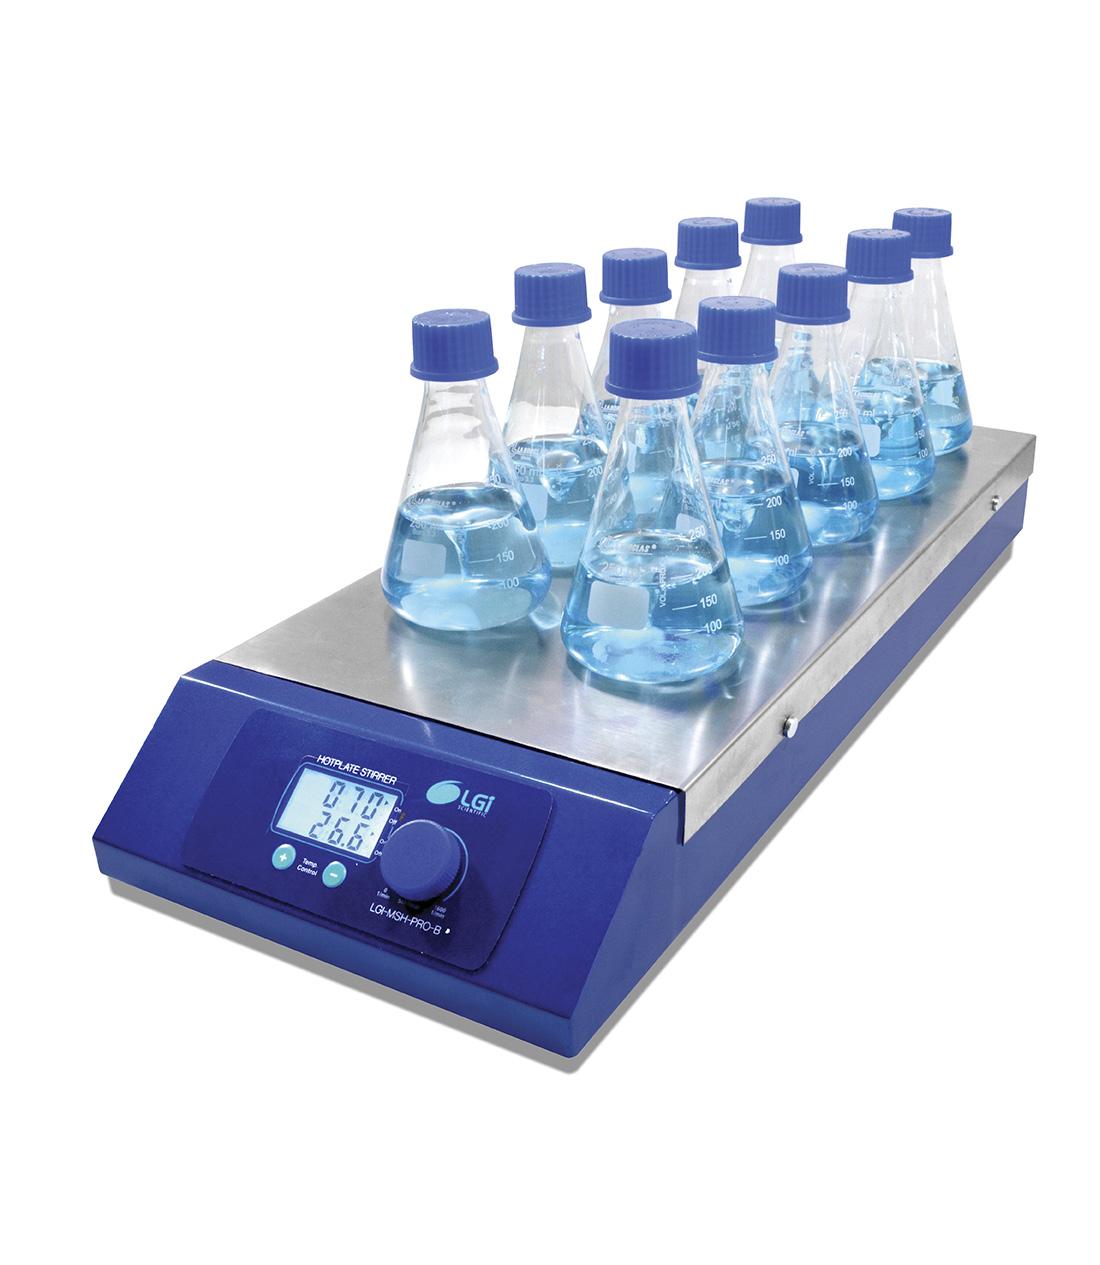 AGITADOR MAGNETICO MULTIPOSIÇÃO COM AQUECIMENTO 10 - LGI SCIENTIFIC - Cód. LGI-MSH-PRO-10B